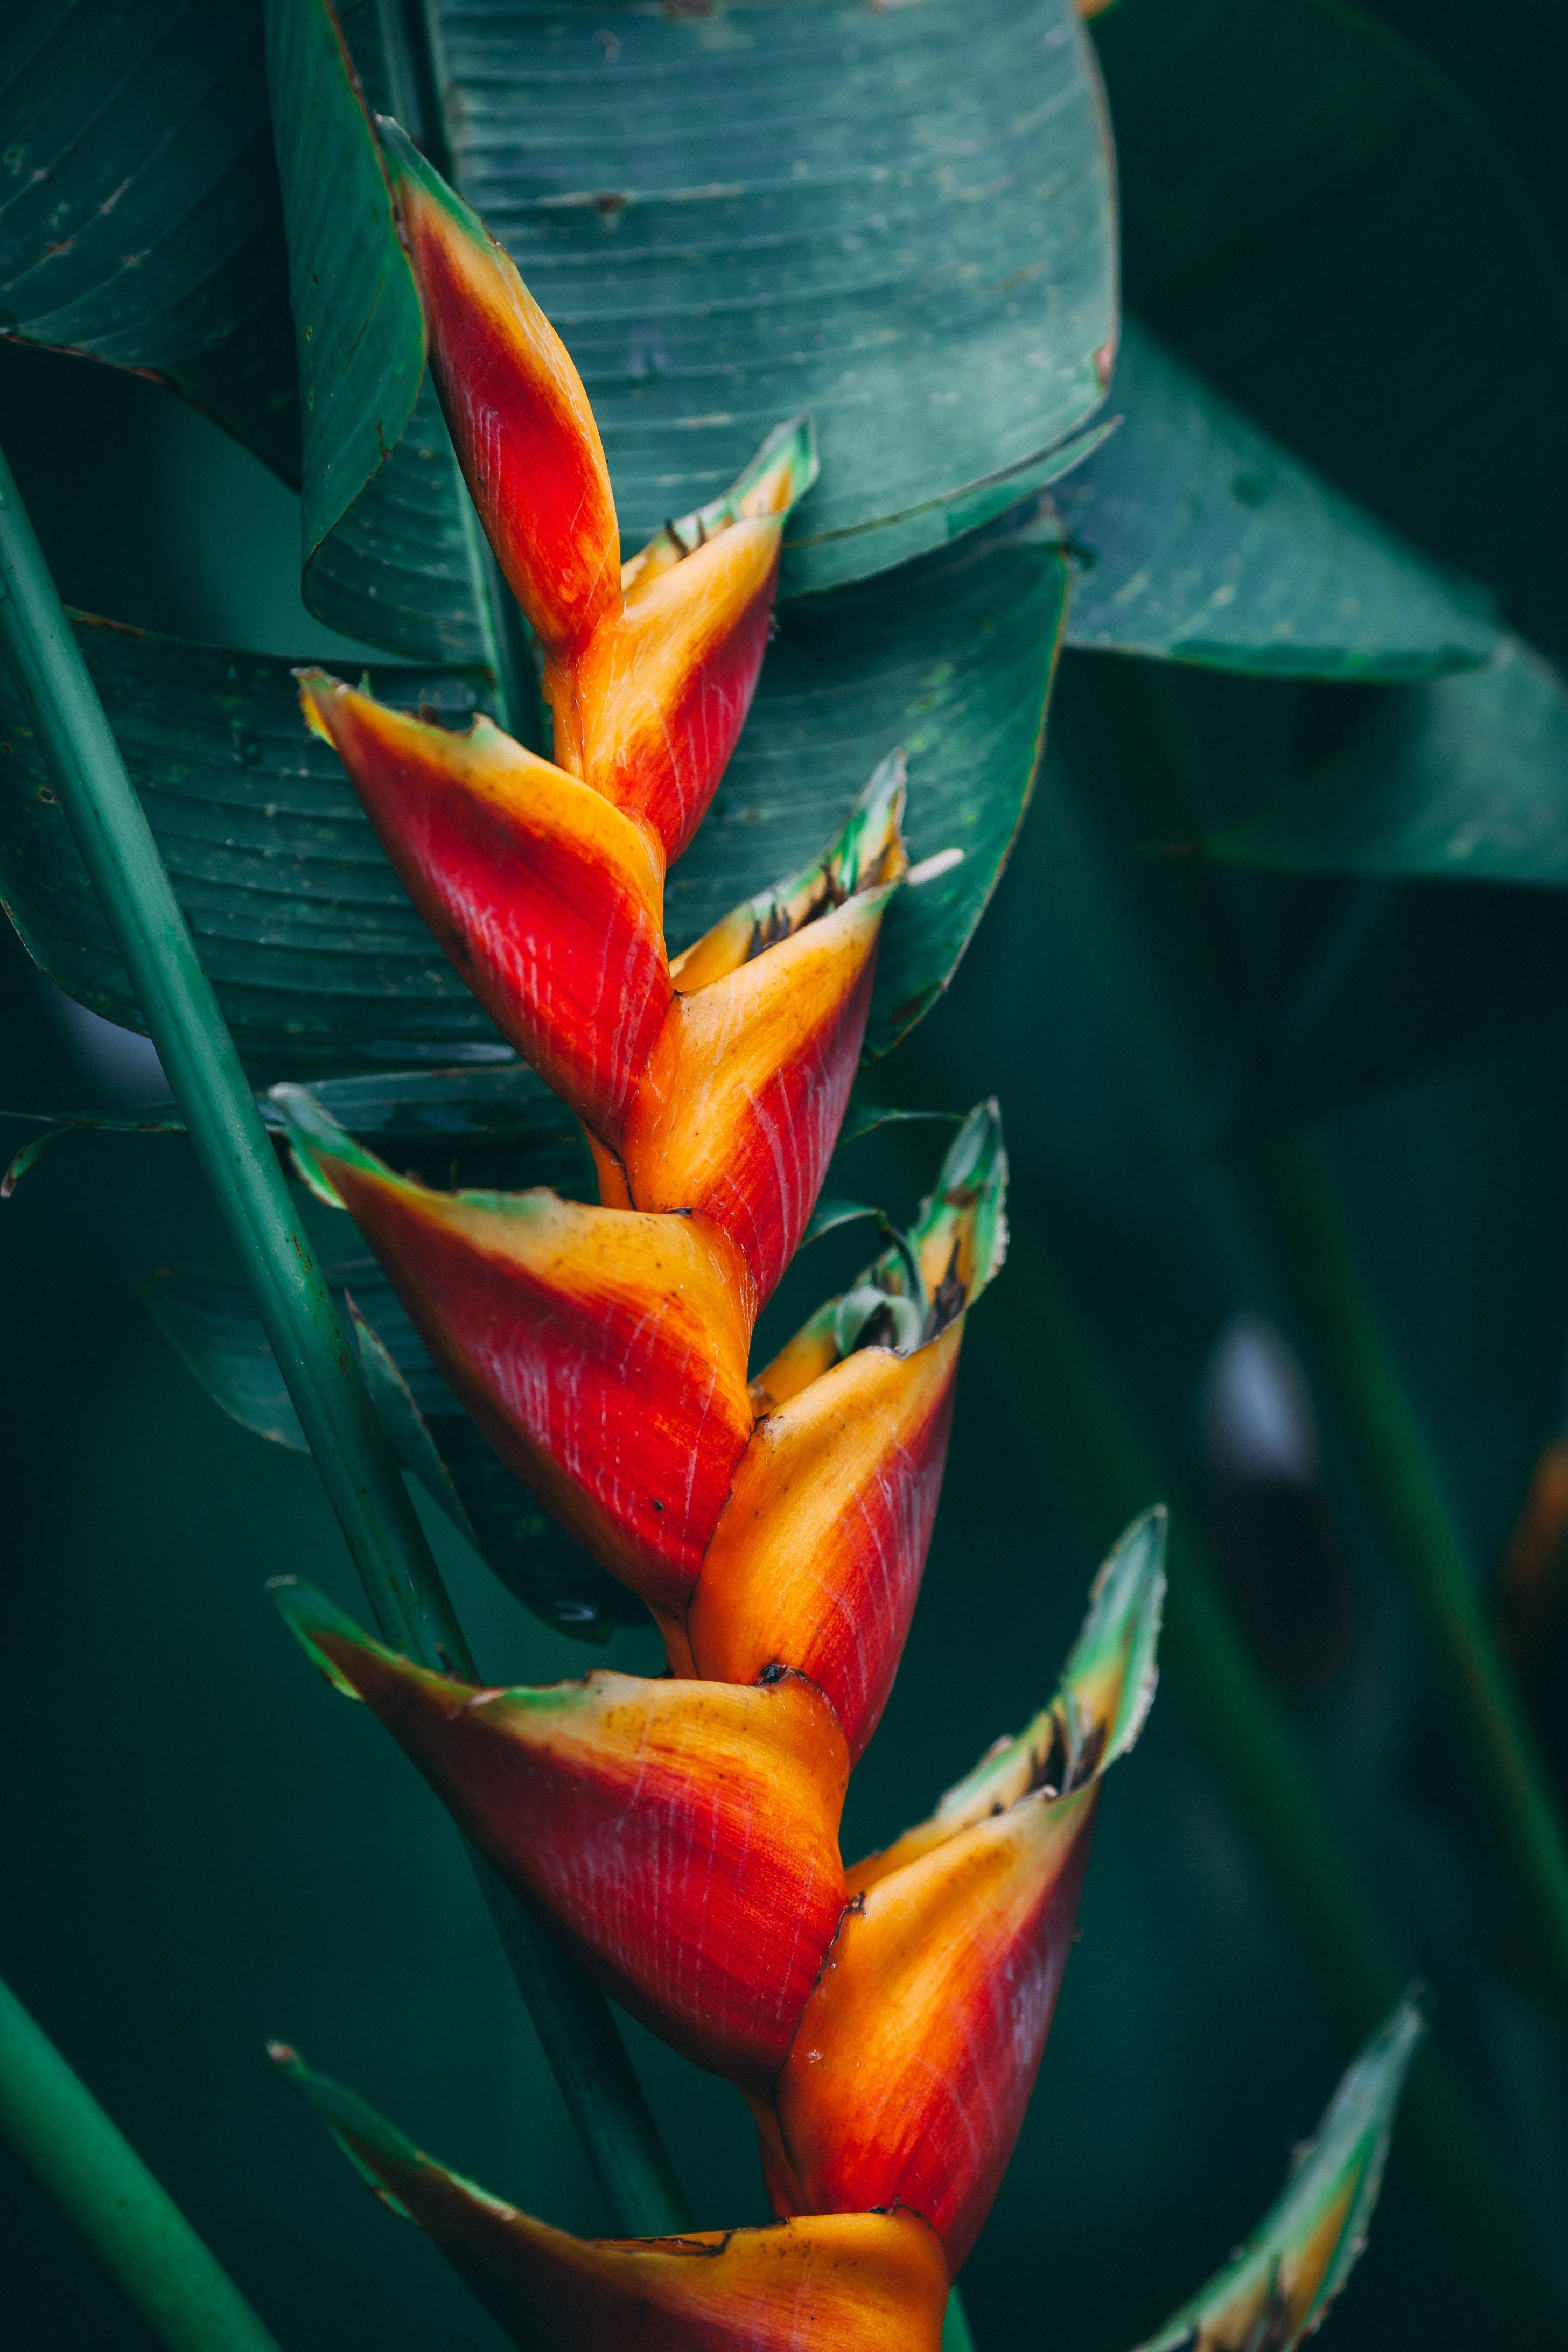 97380 免費下載壁紙 花卉, 花, 热带, 明亮的, 明亮, 植物, 异国情调 屏保和圖片